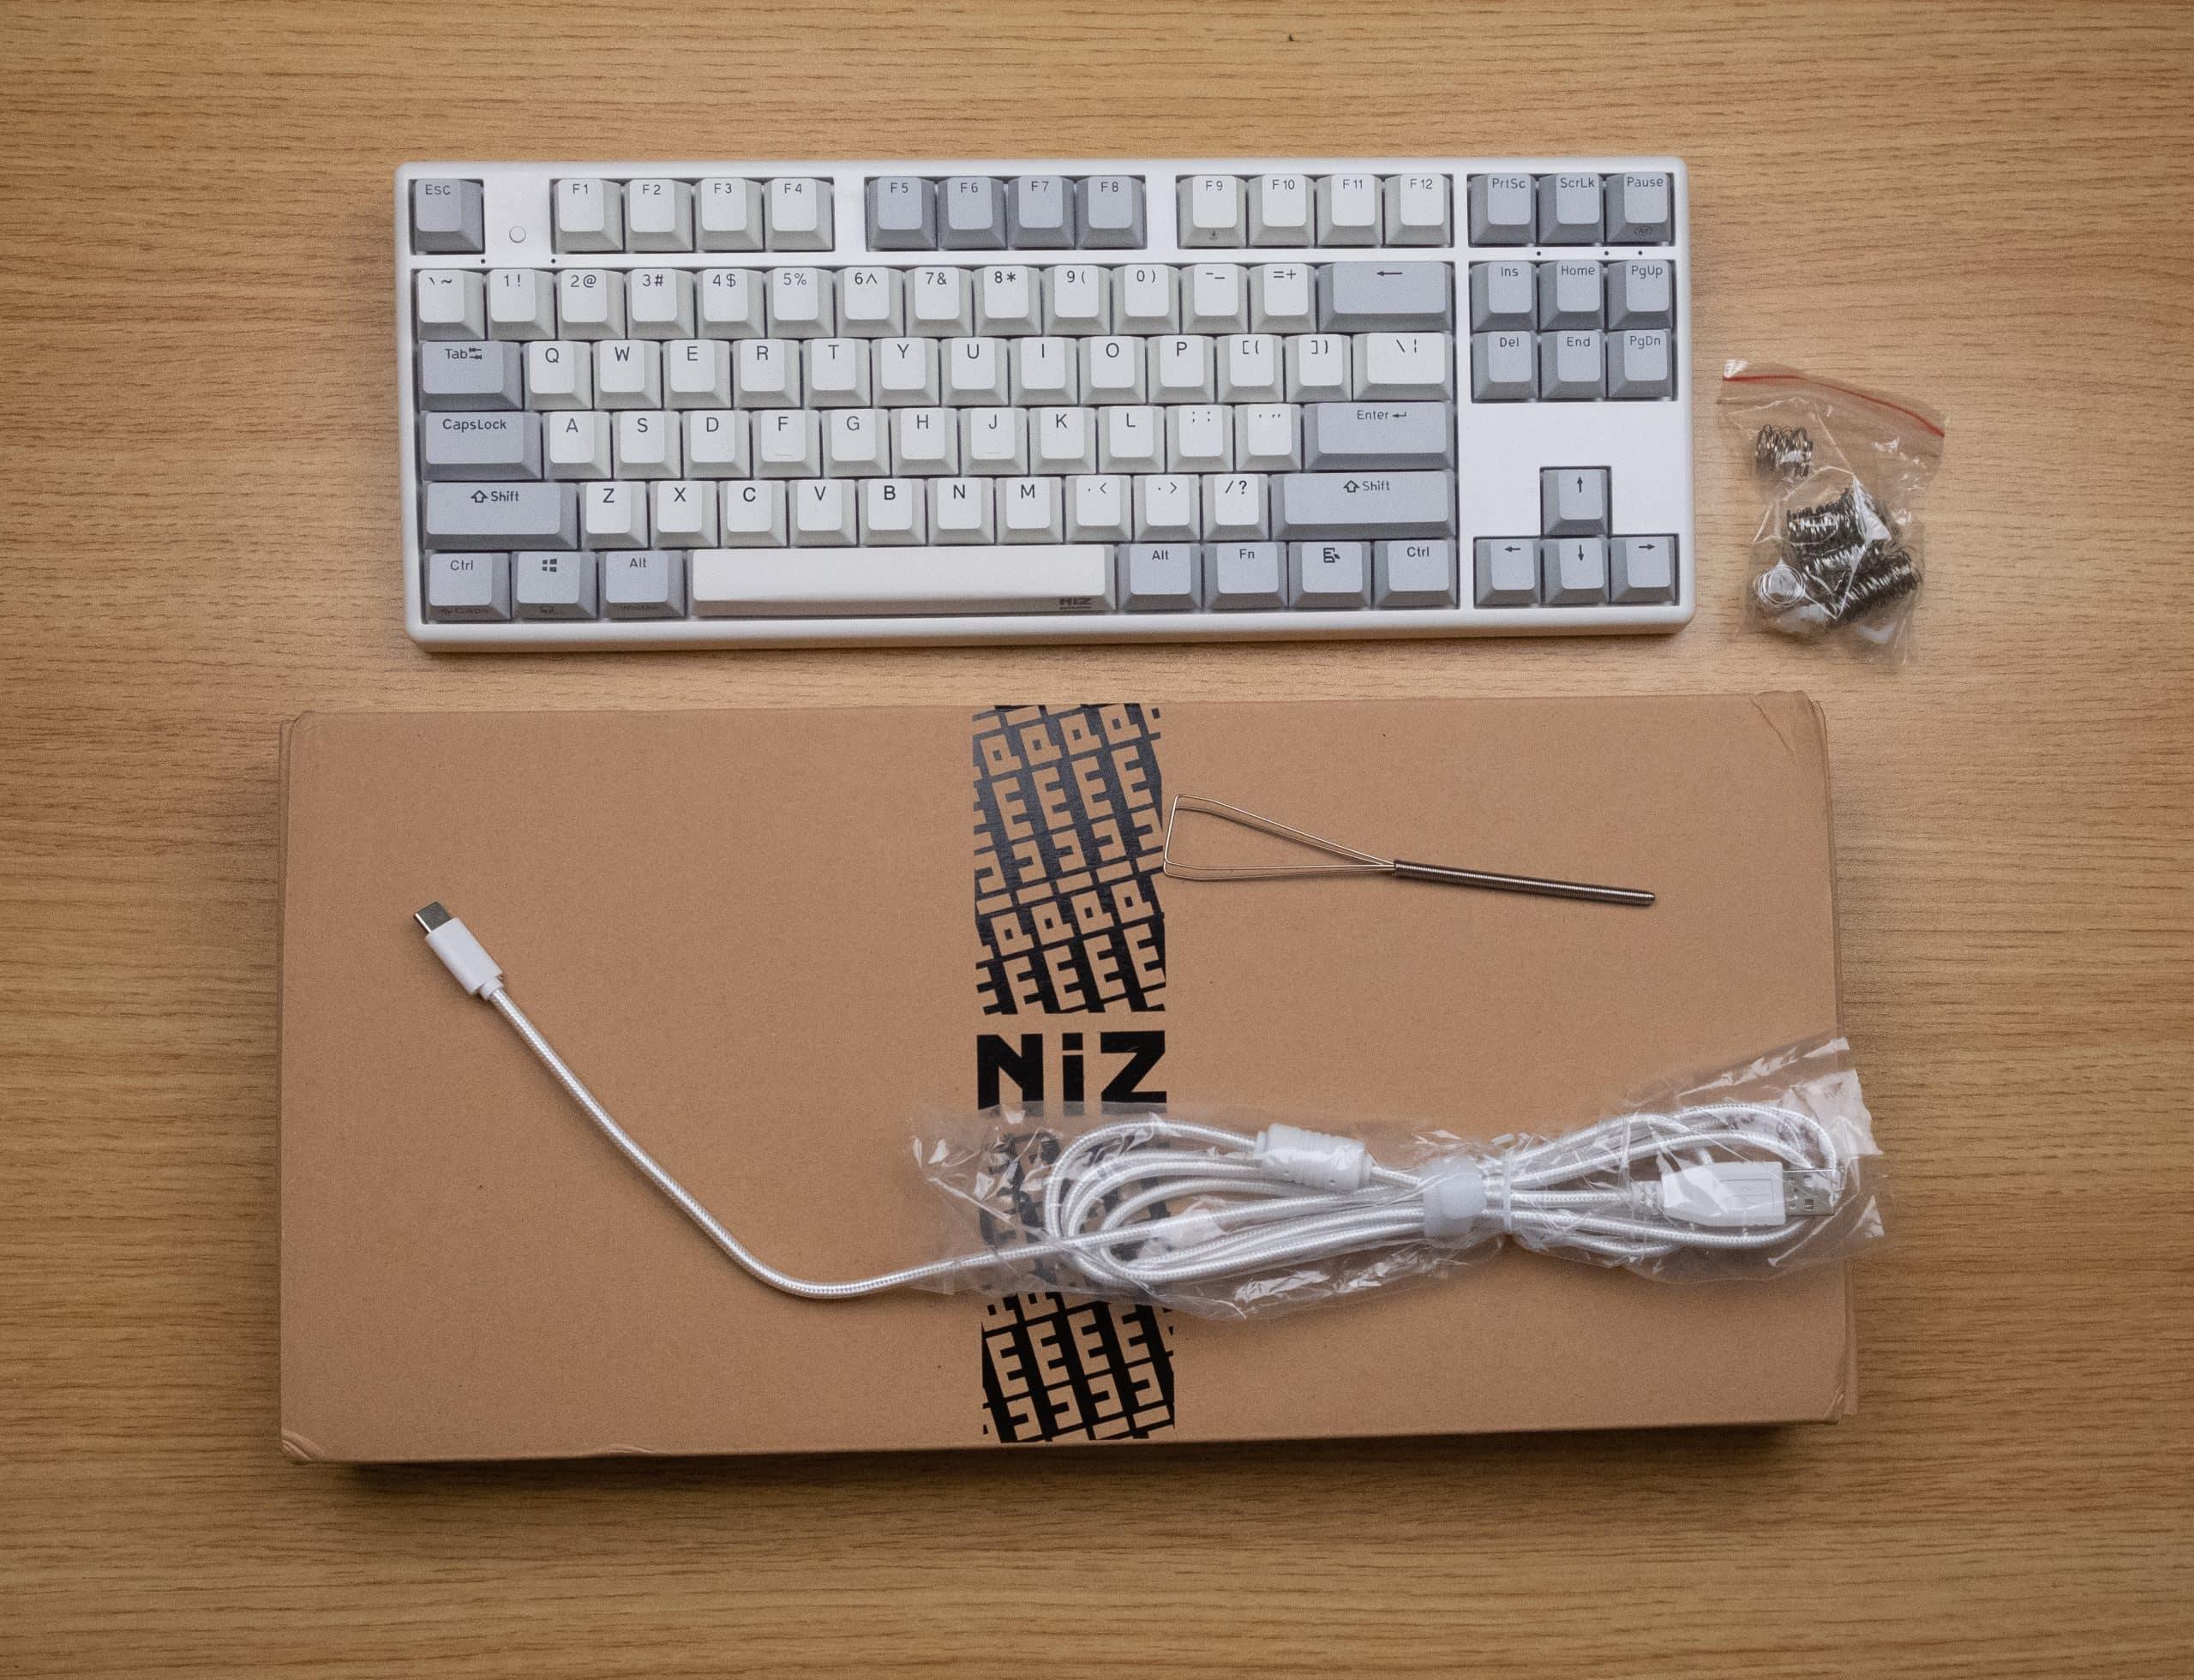 Niz Plum X87 EC - Unboxing